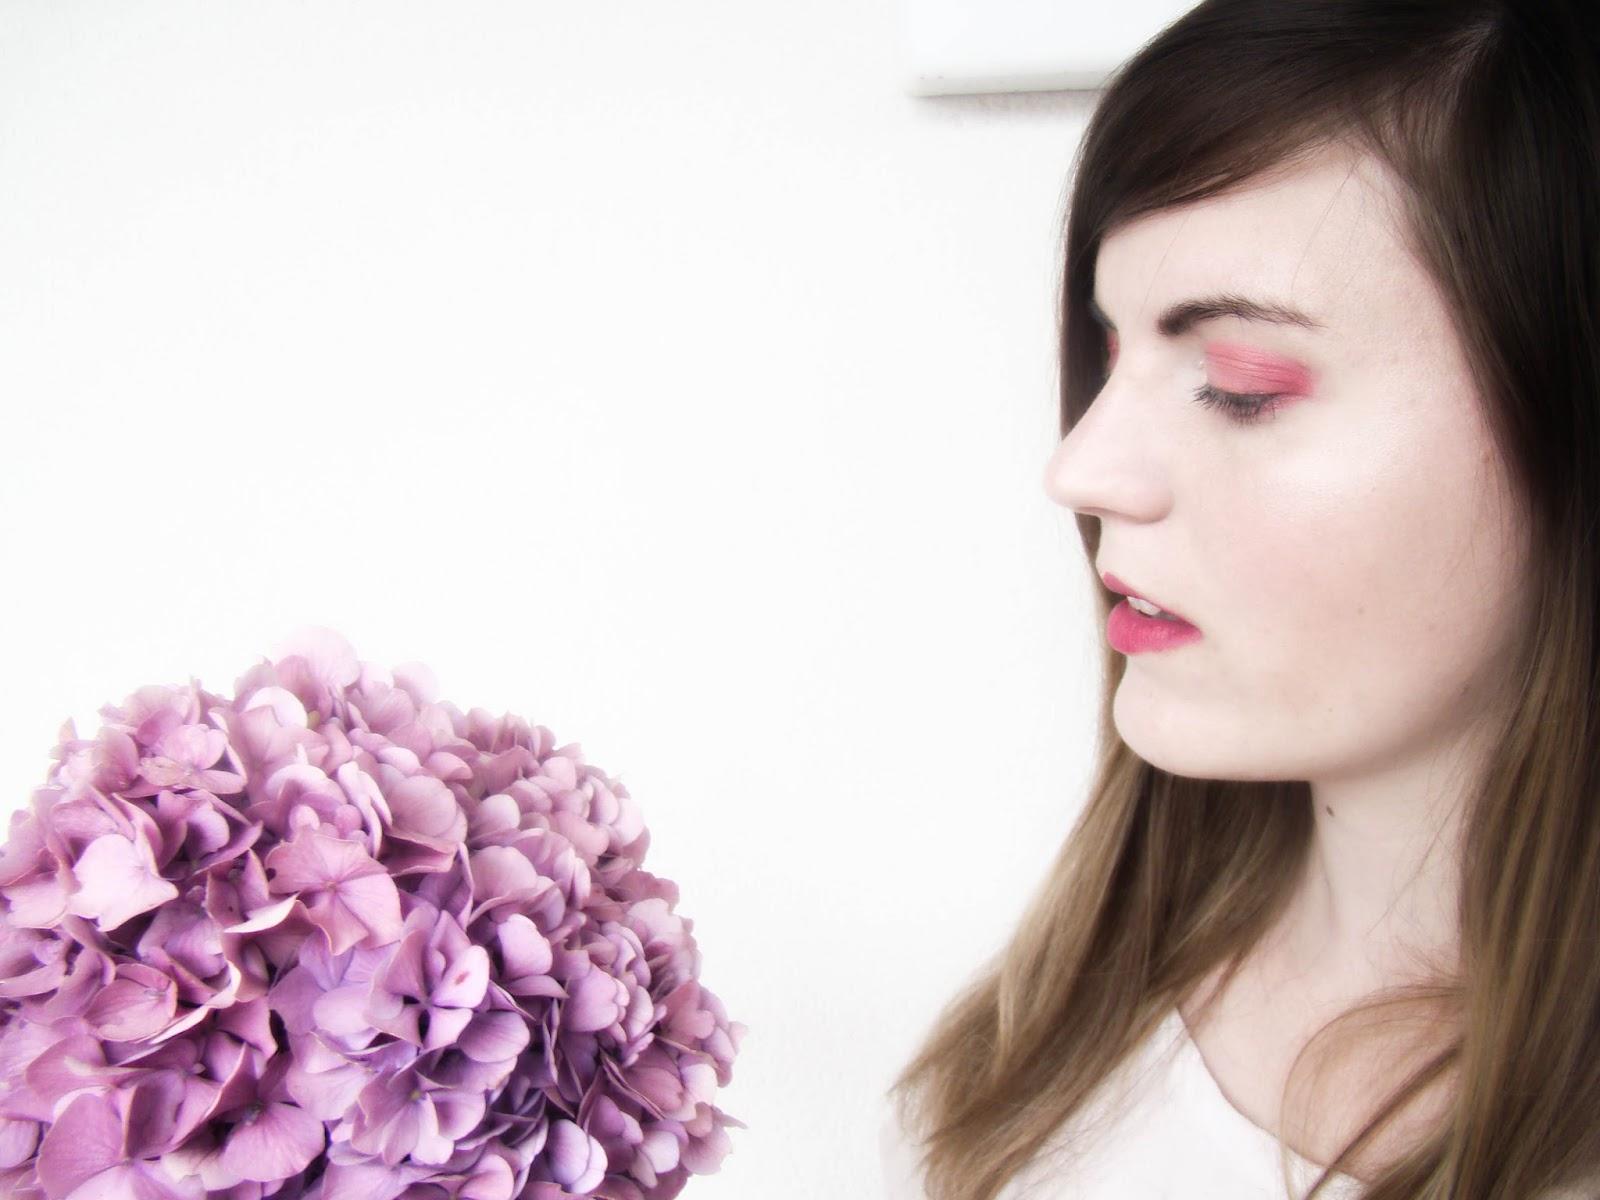 Le rose selon Sleek & Moi...